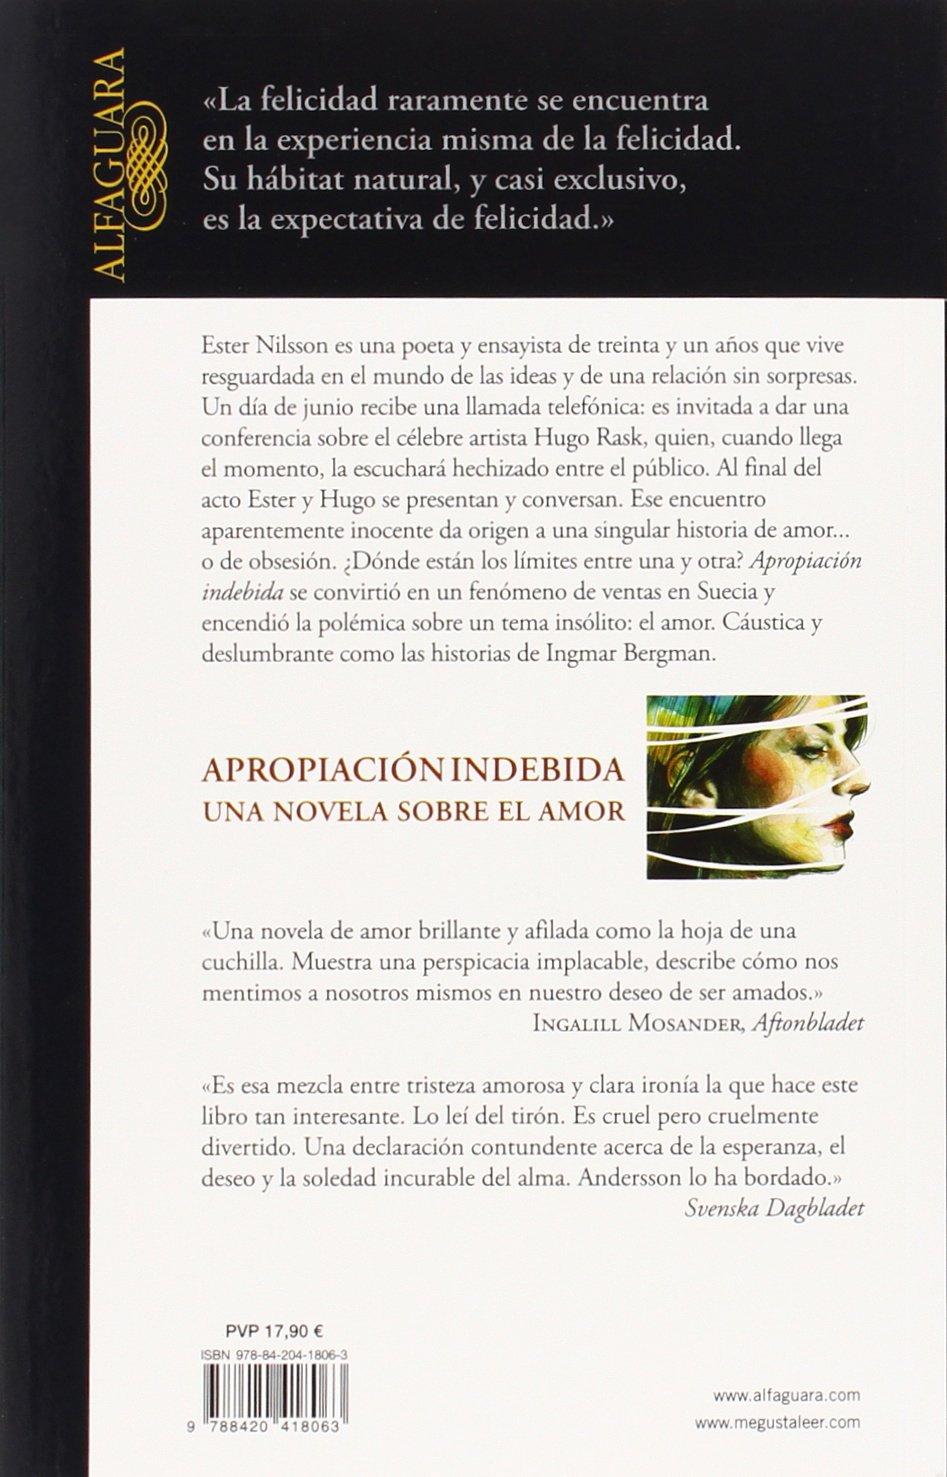 Apropiación indebida: Una novela sobre el amor LITERATURAS: Amazon ...